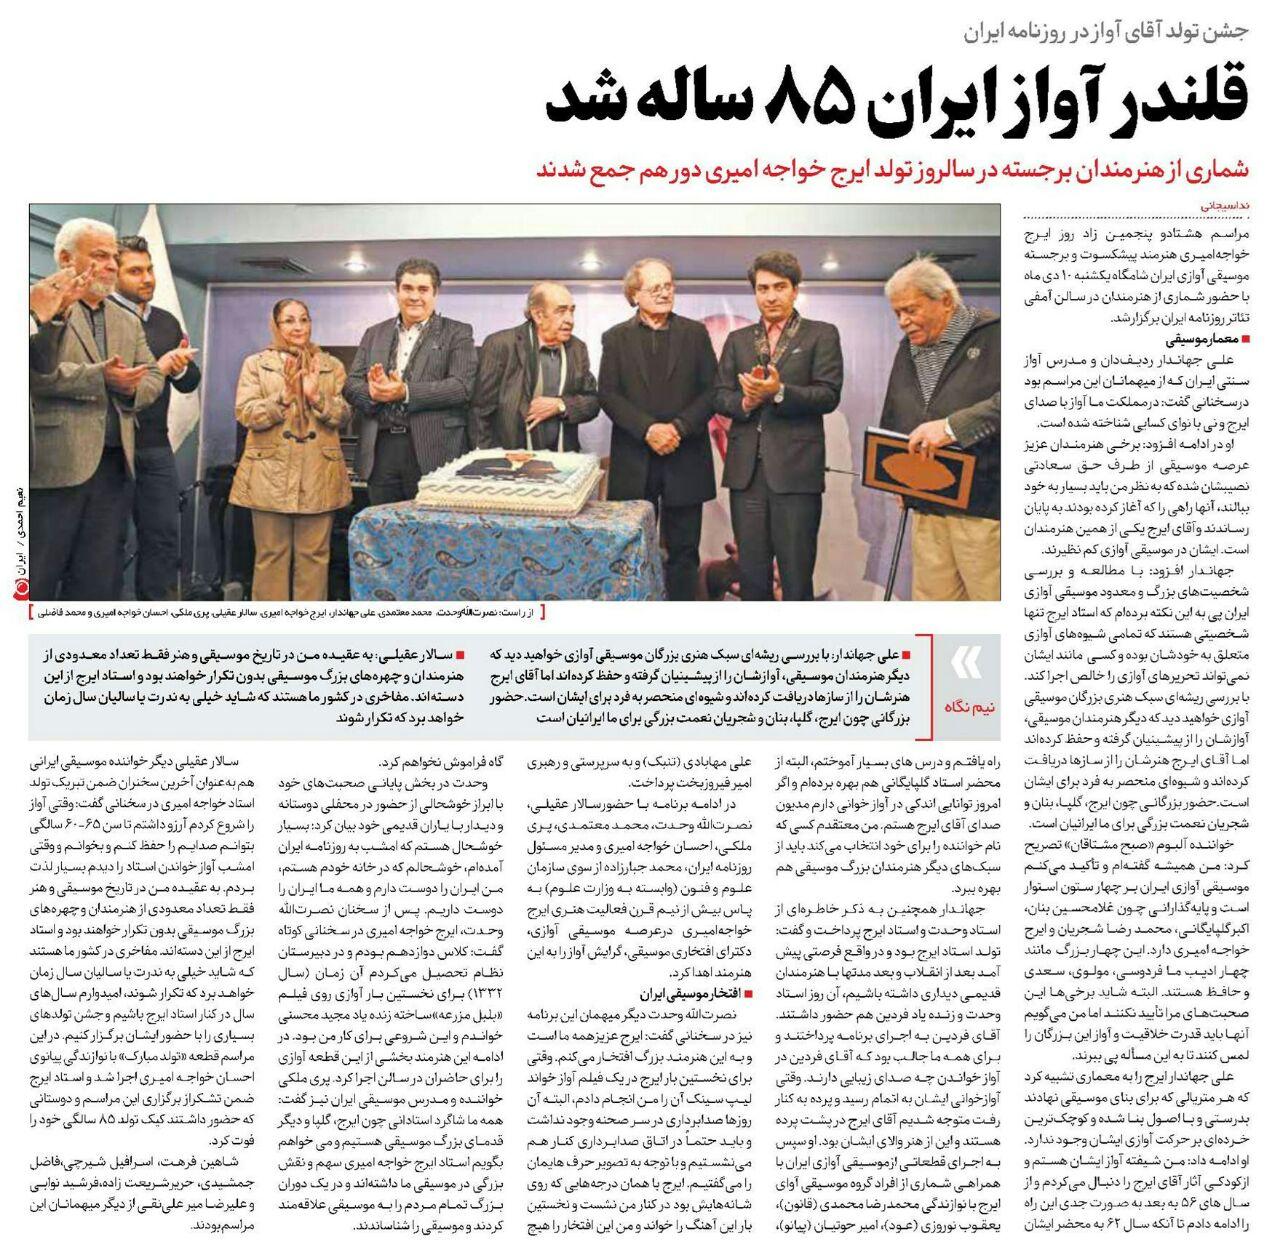 قلندر آواز ایران 85 ساله شد(ایرج خواجه امیری)